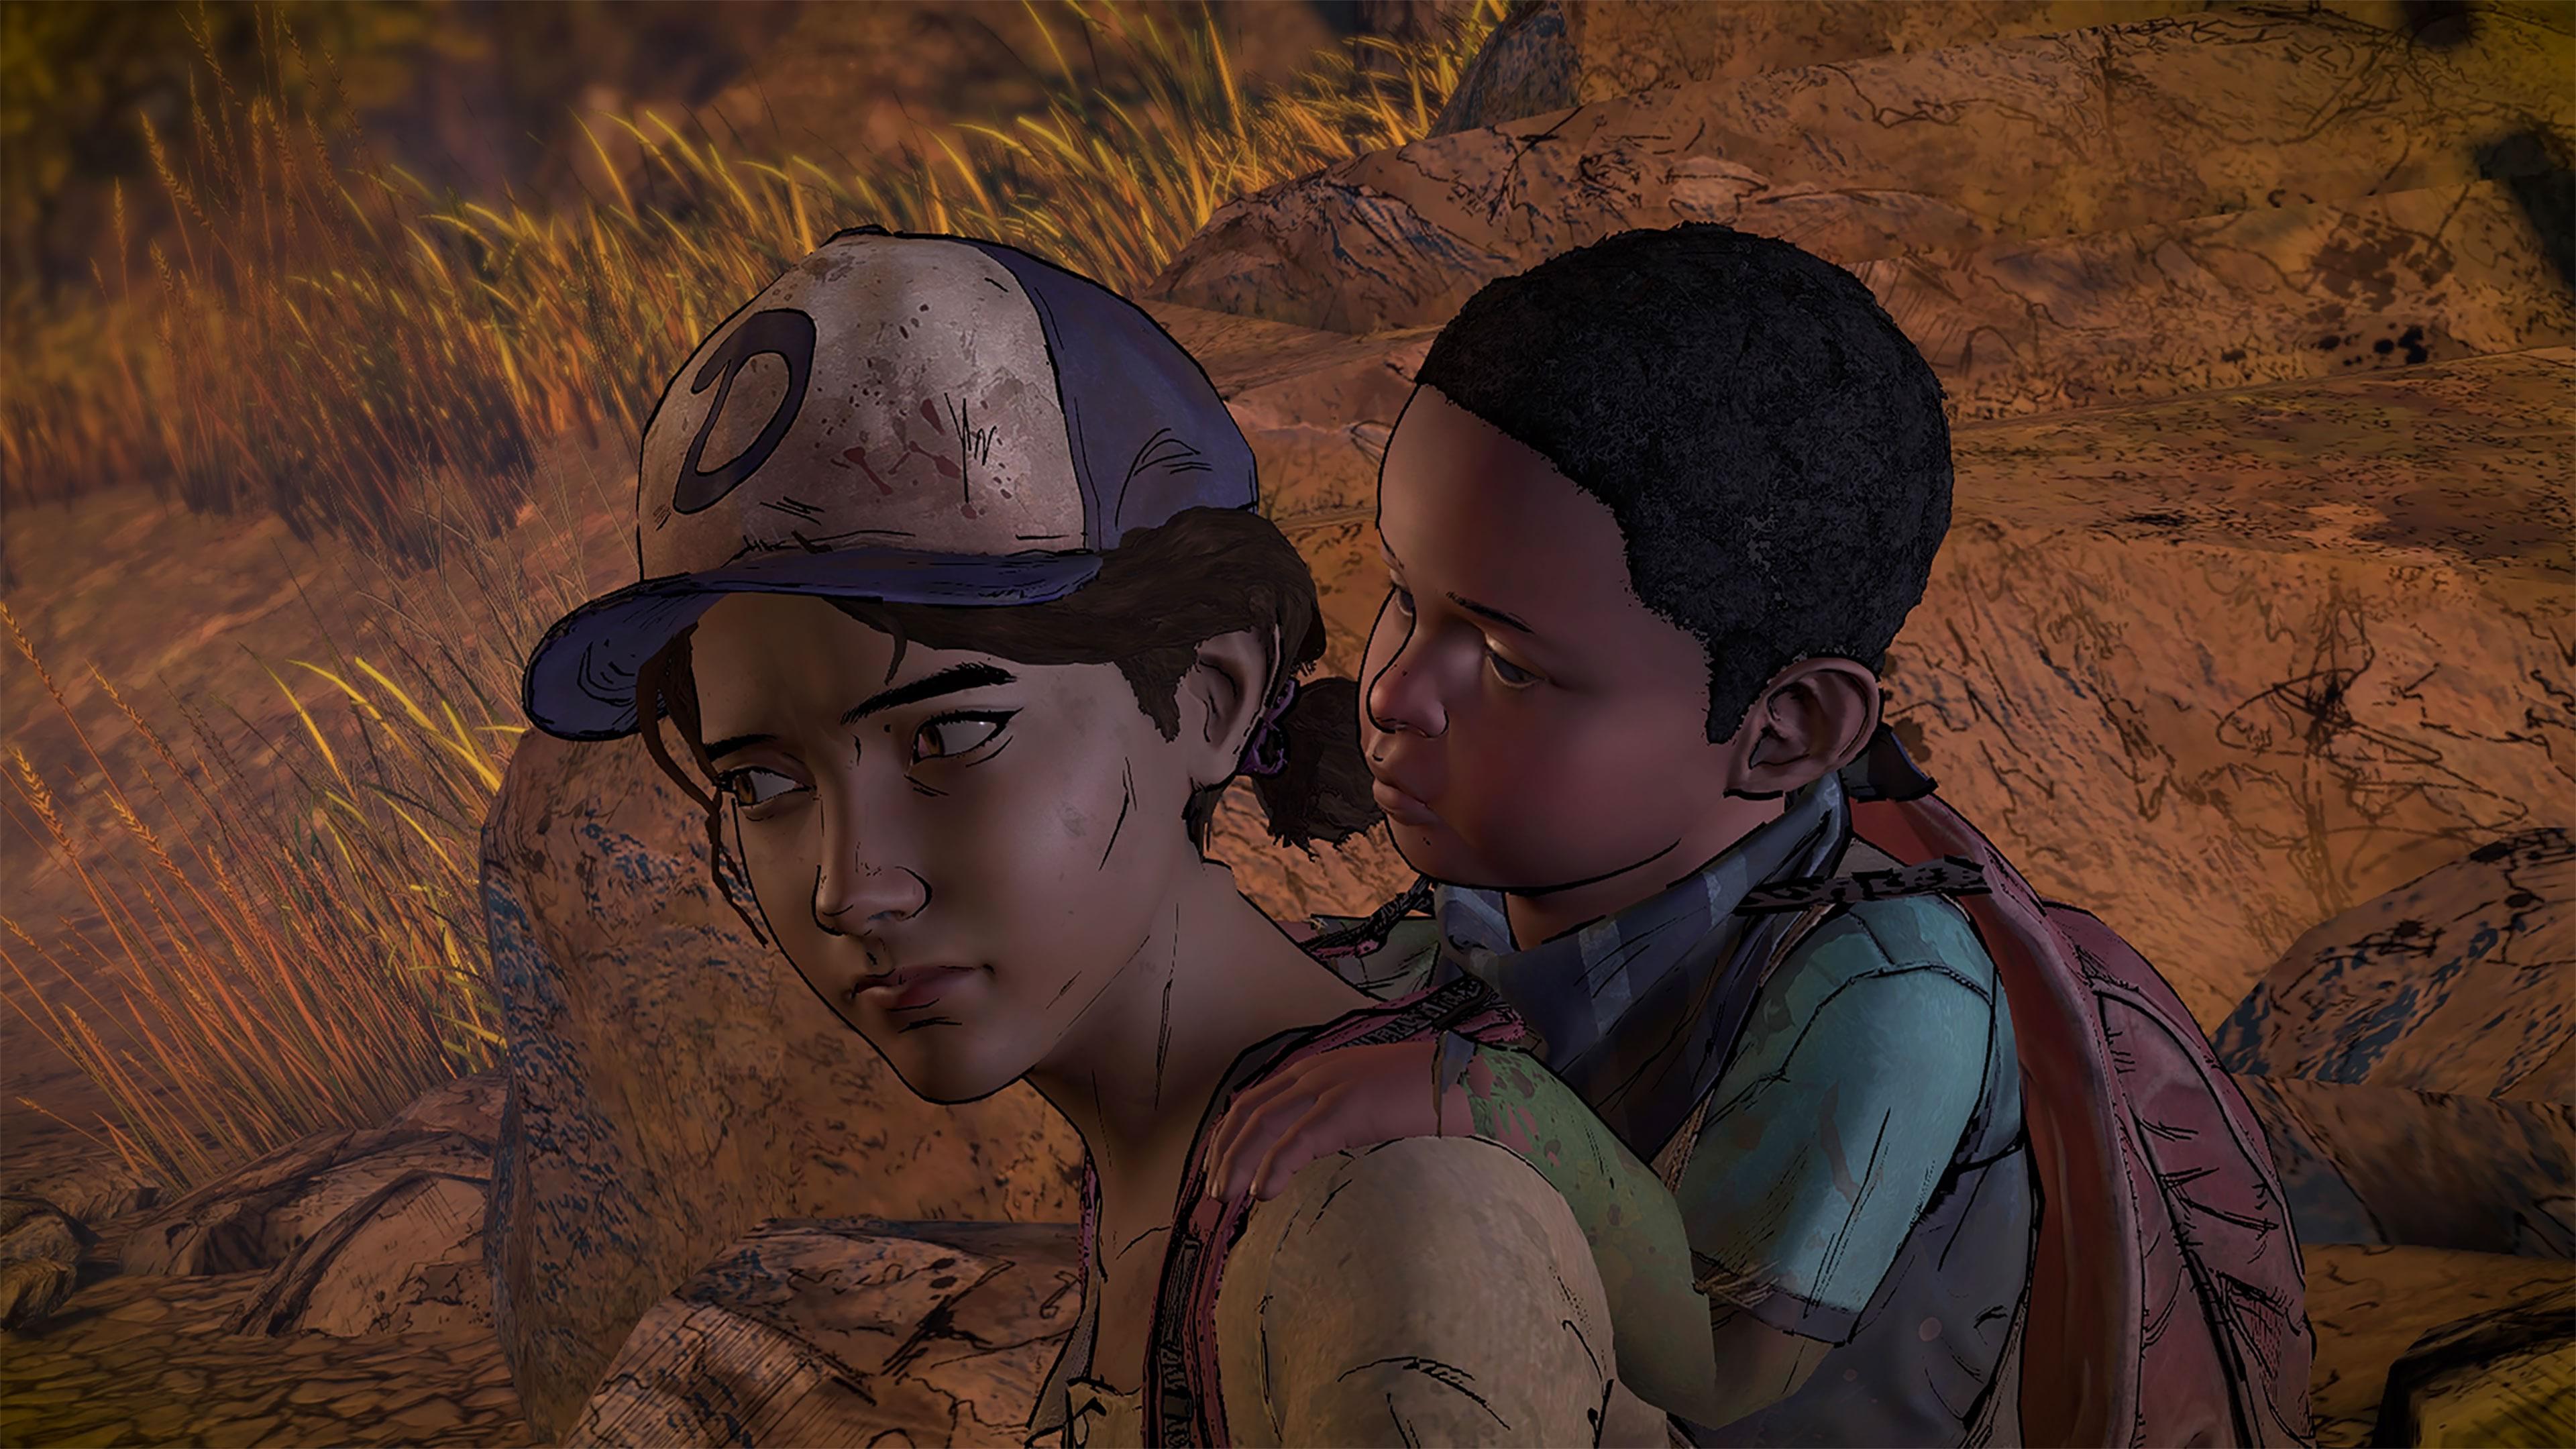 Telltales Walking Dead Season 3 Wallpapers in Ultra HD 4K 3840x2160